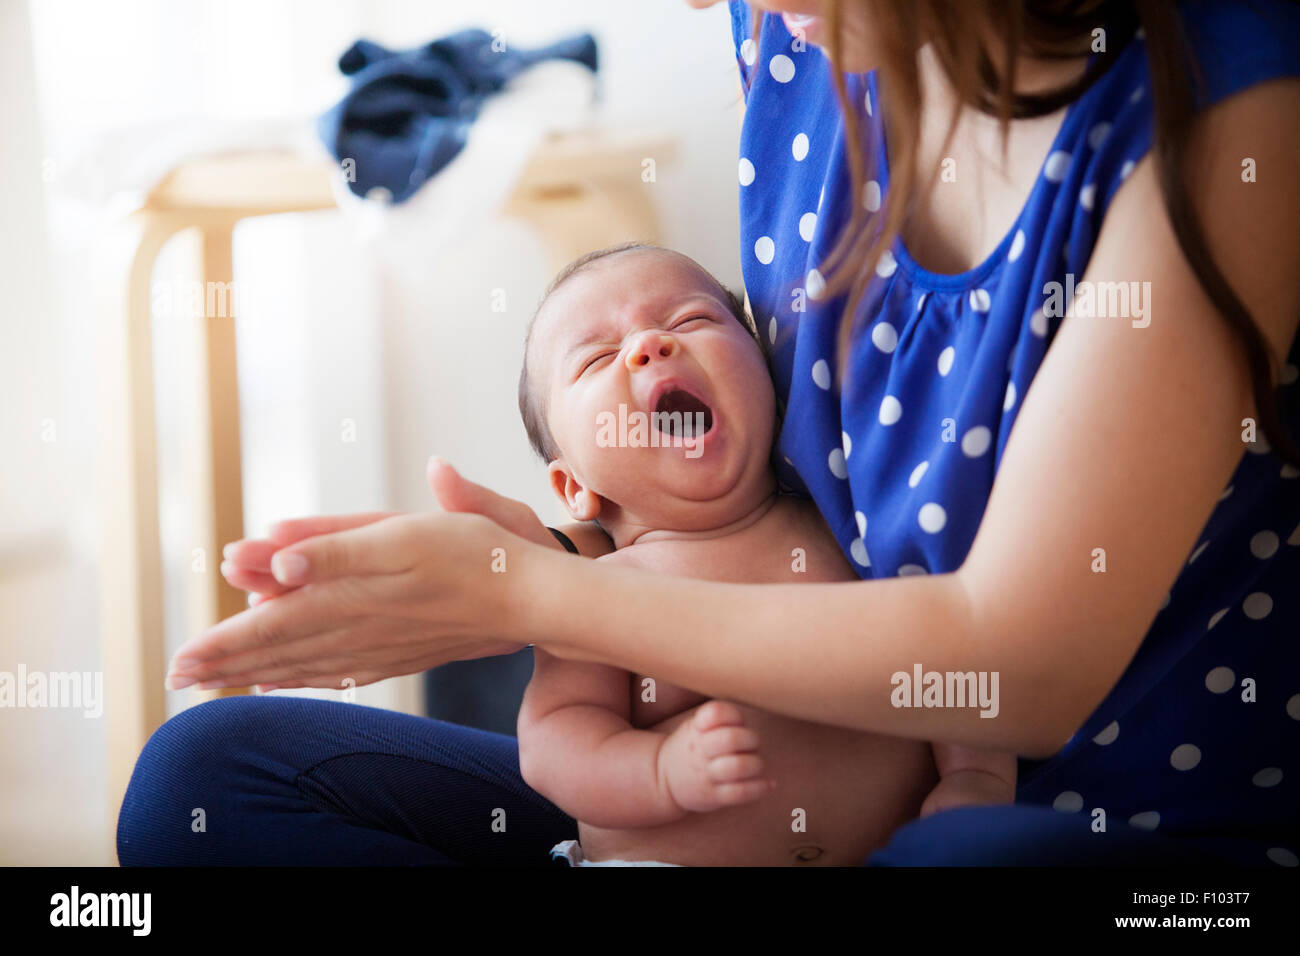 Bambino di essere massaggiato Immagini Stock